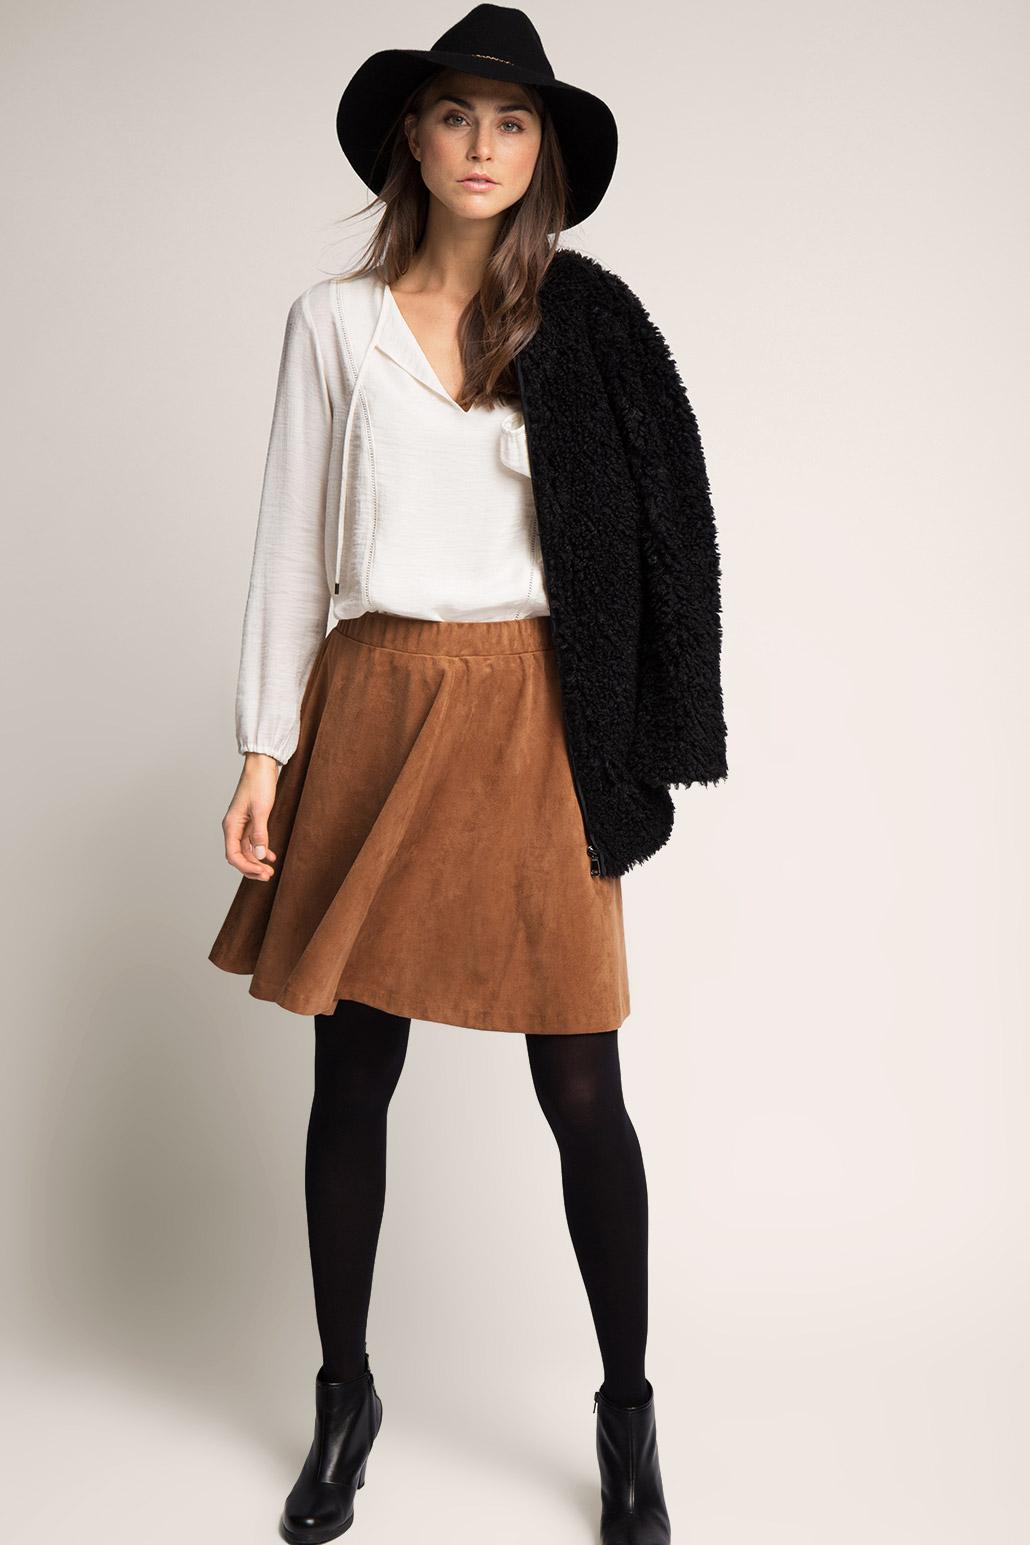 С чем носить длинную юбку: верх, обувь, верхняя одежда